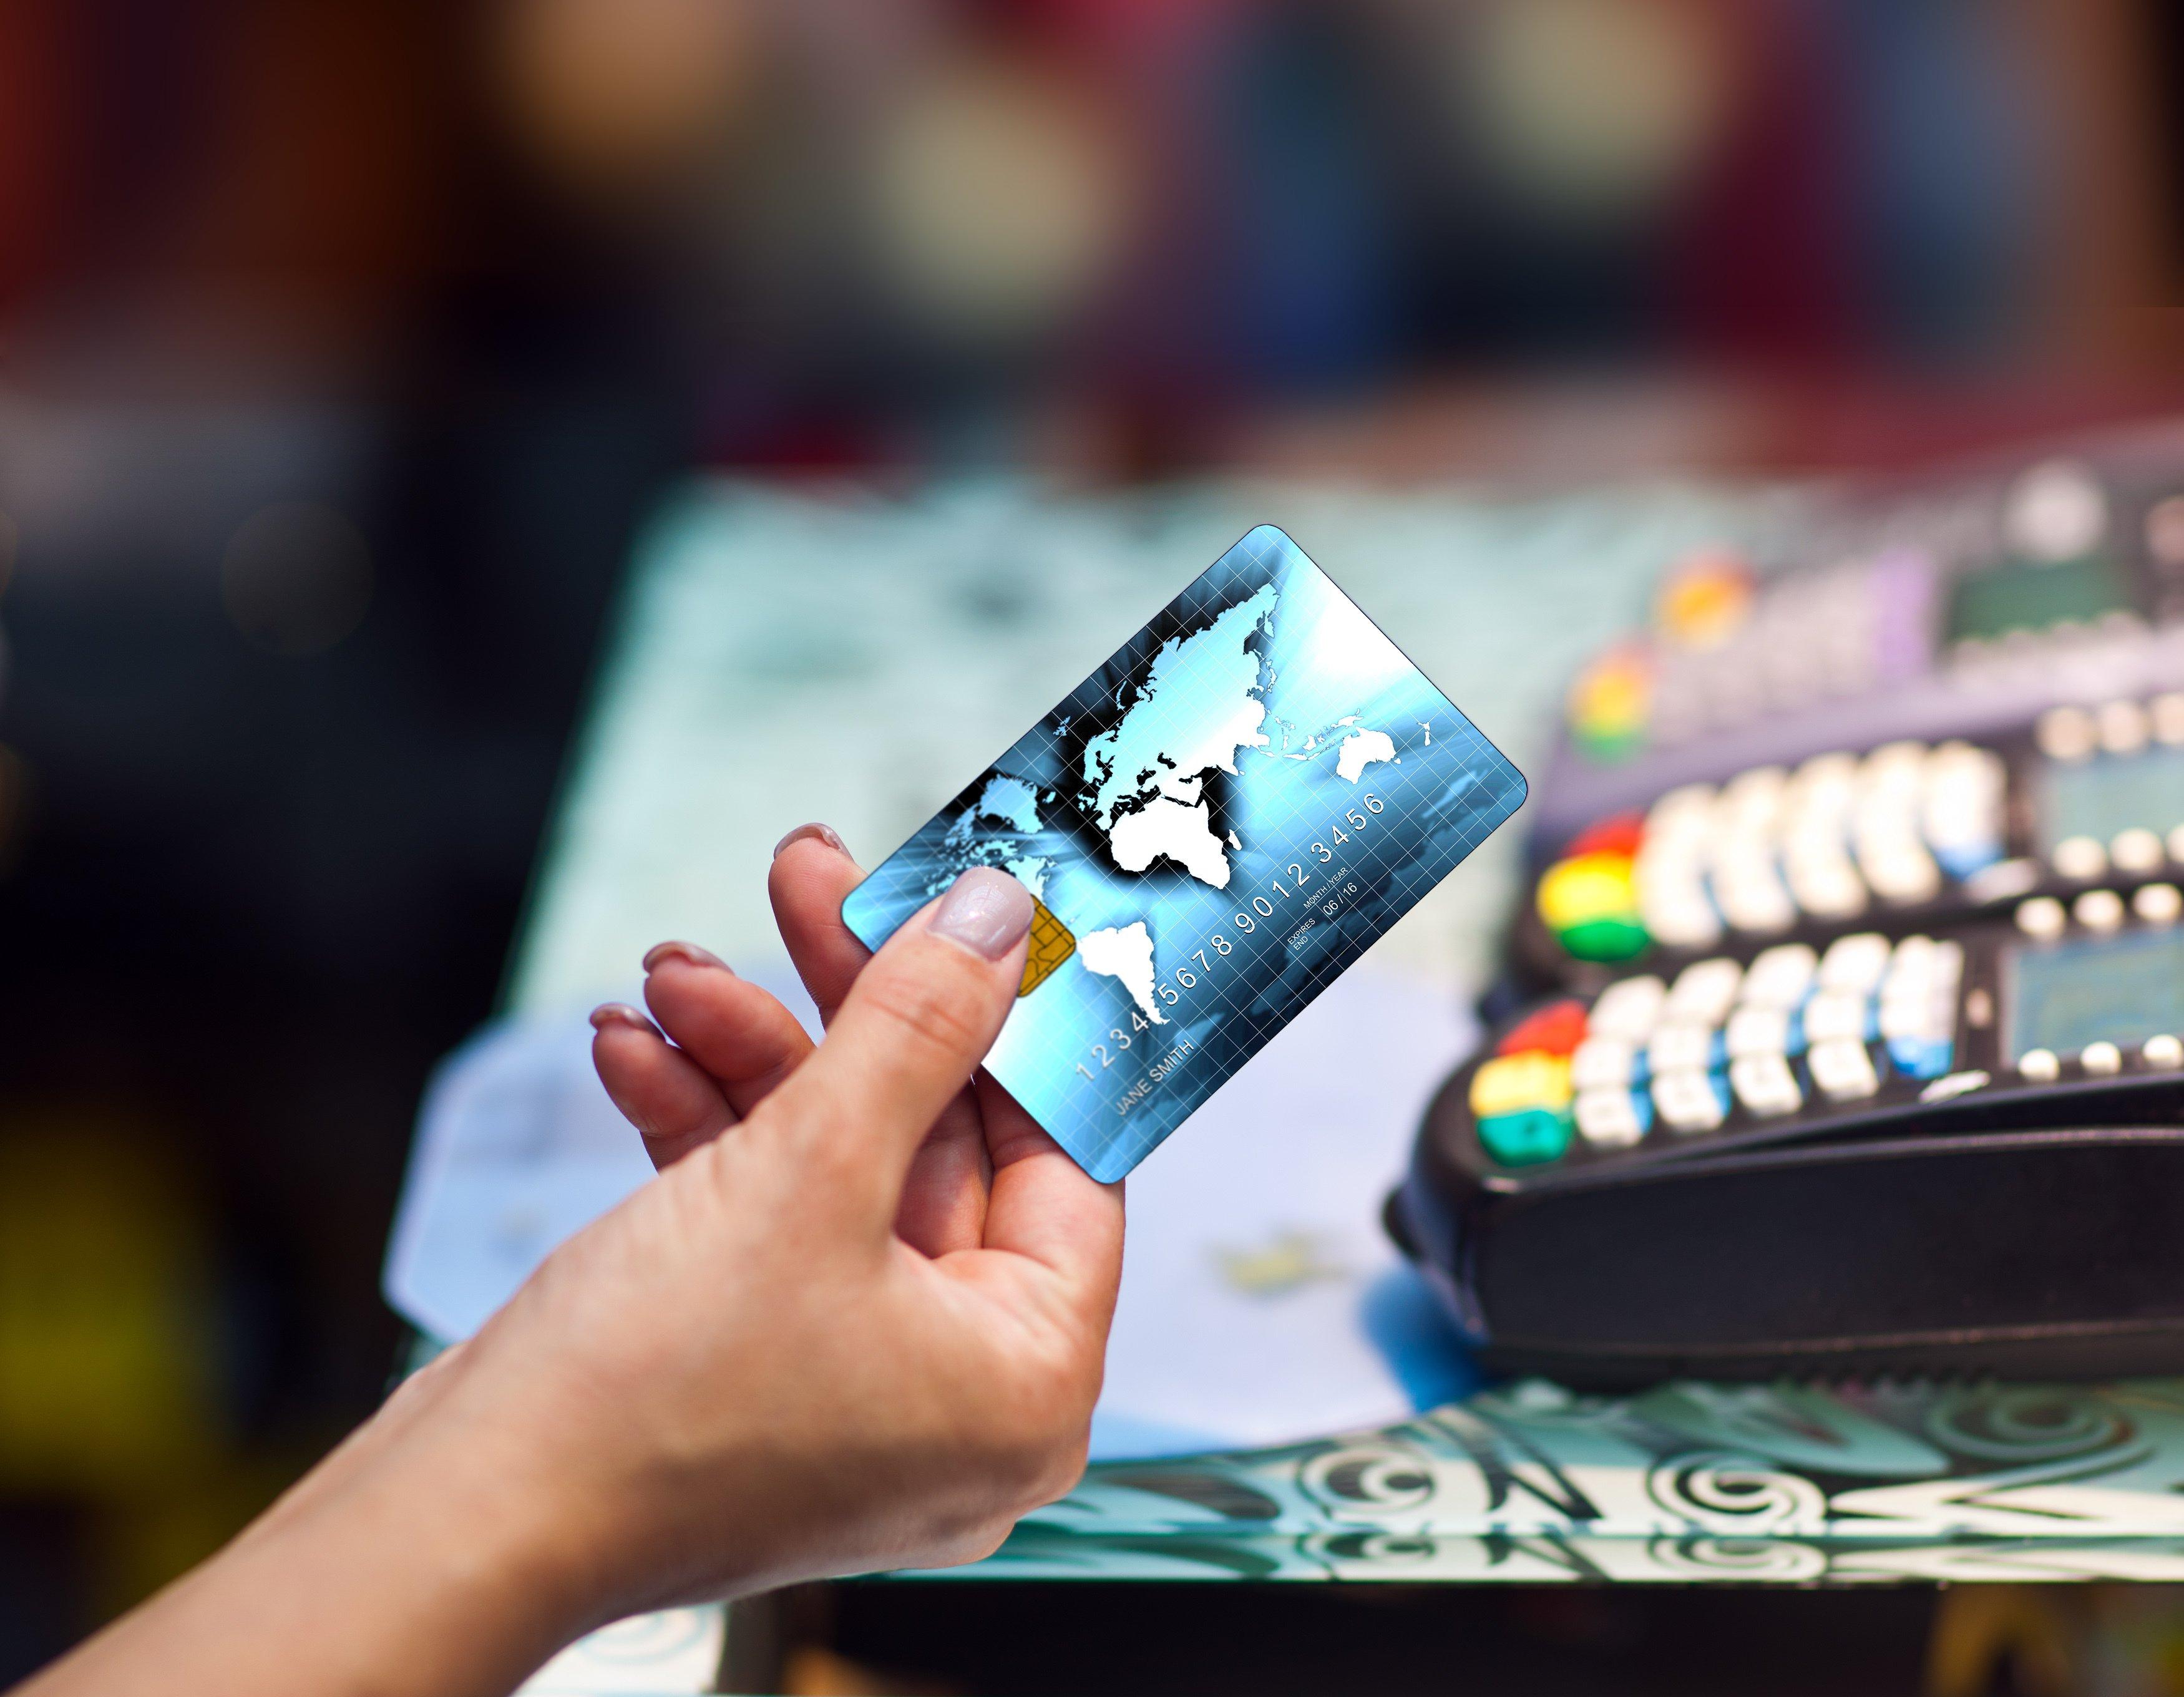 cartões de crédito, cartões de débito, empresas do setor cartões de crédito,  setor de cartões de crédito, empresas de cartões de crédito, segmento de cartões de crédito, economia, macroeconomia